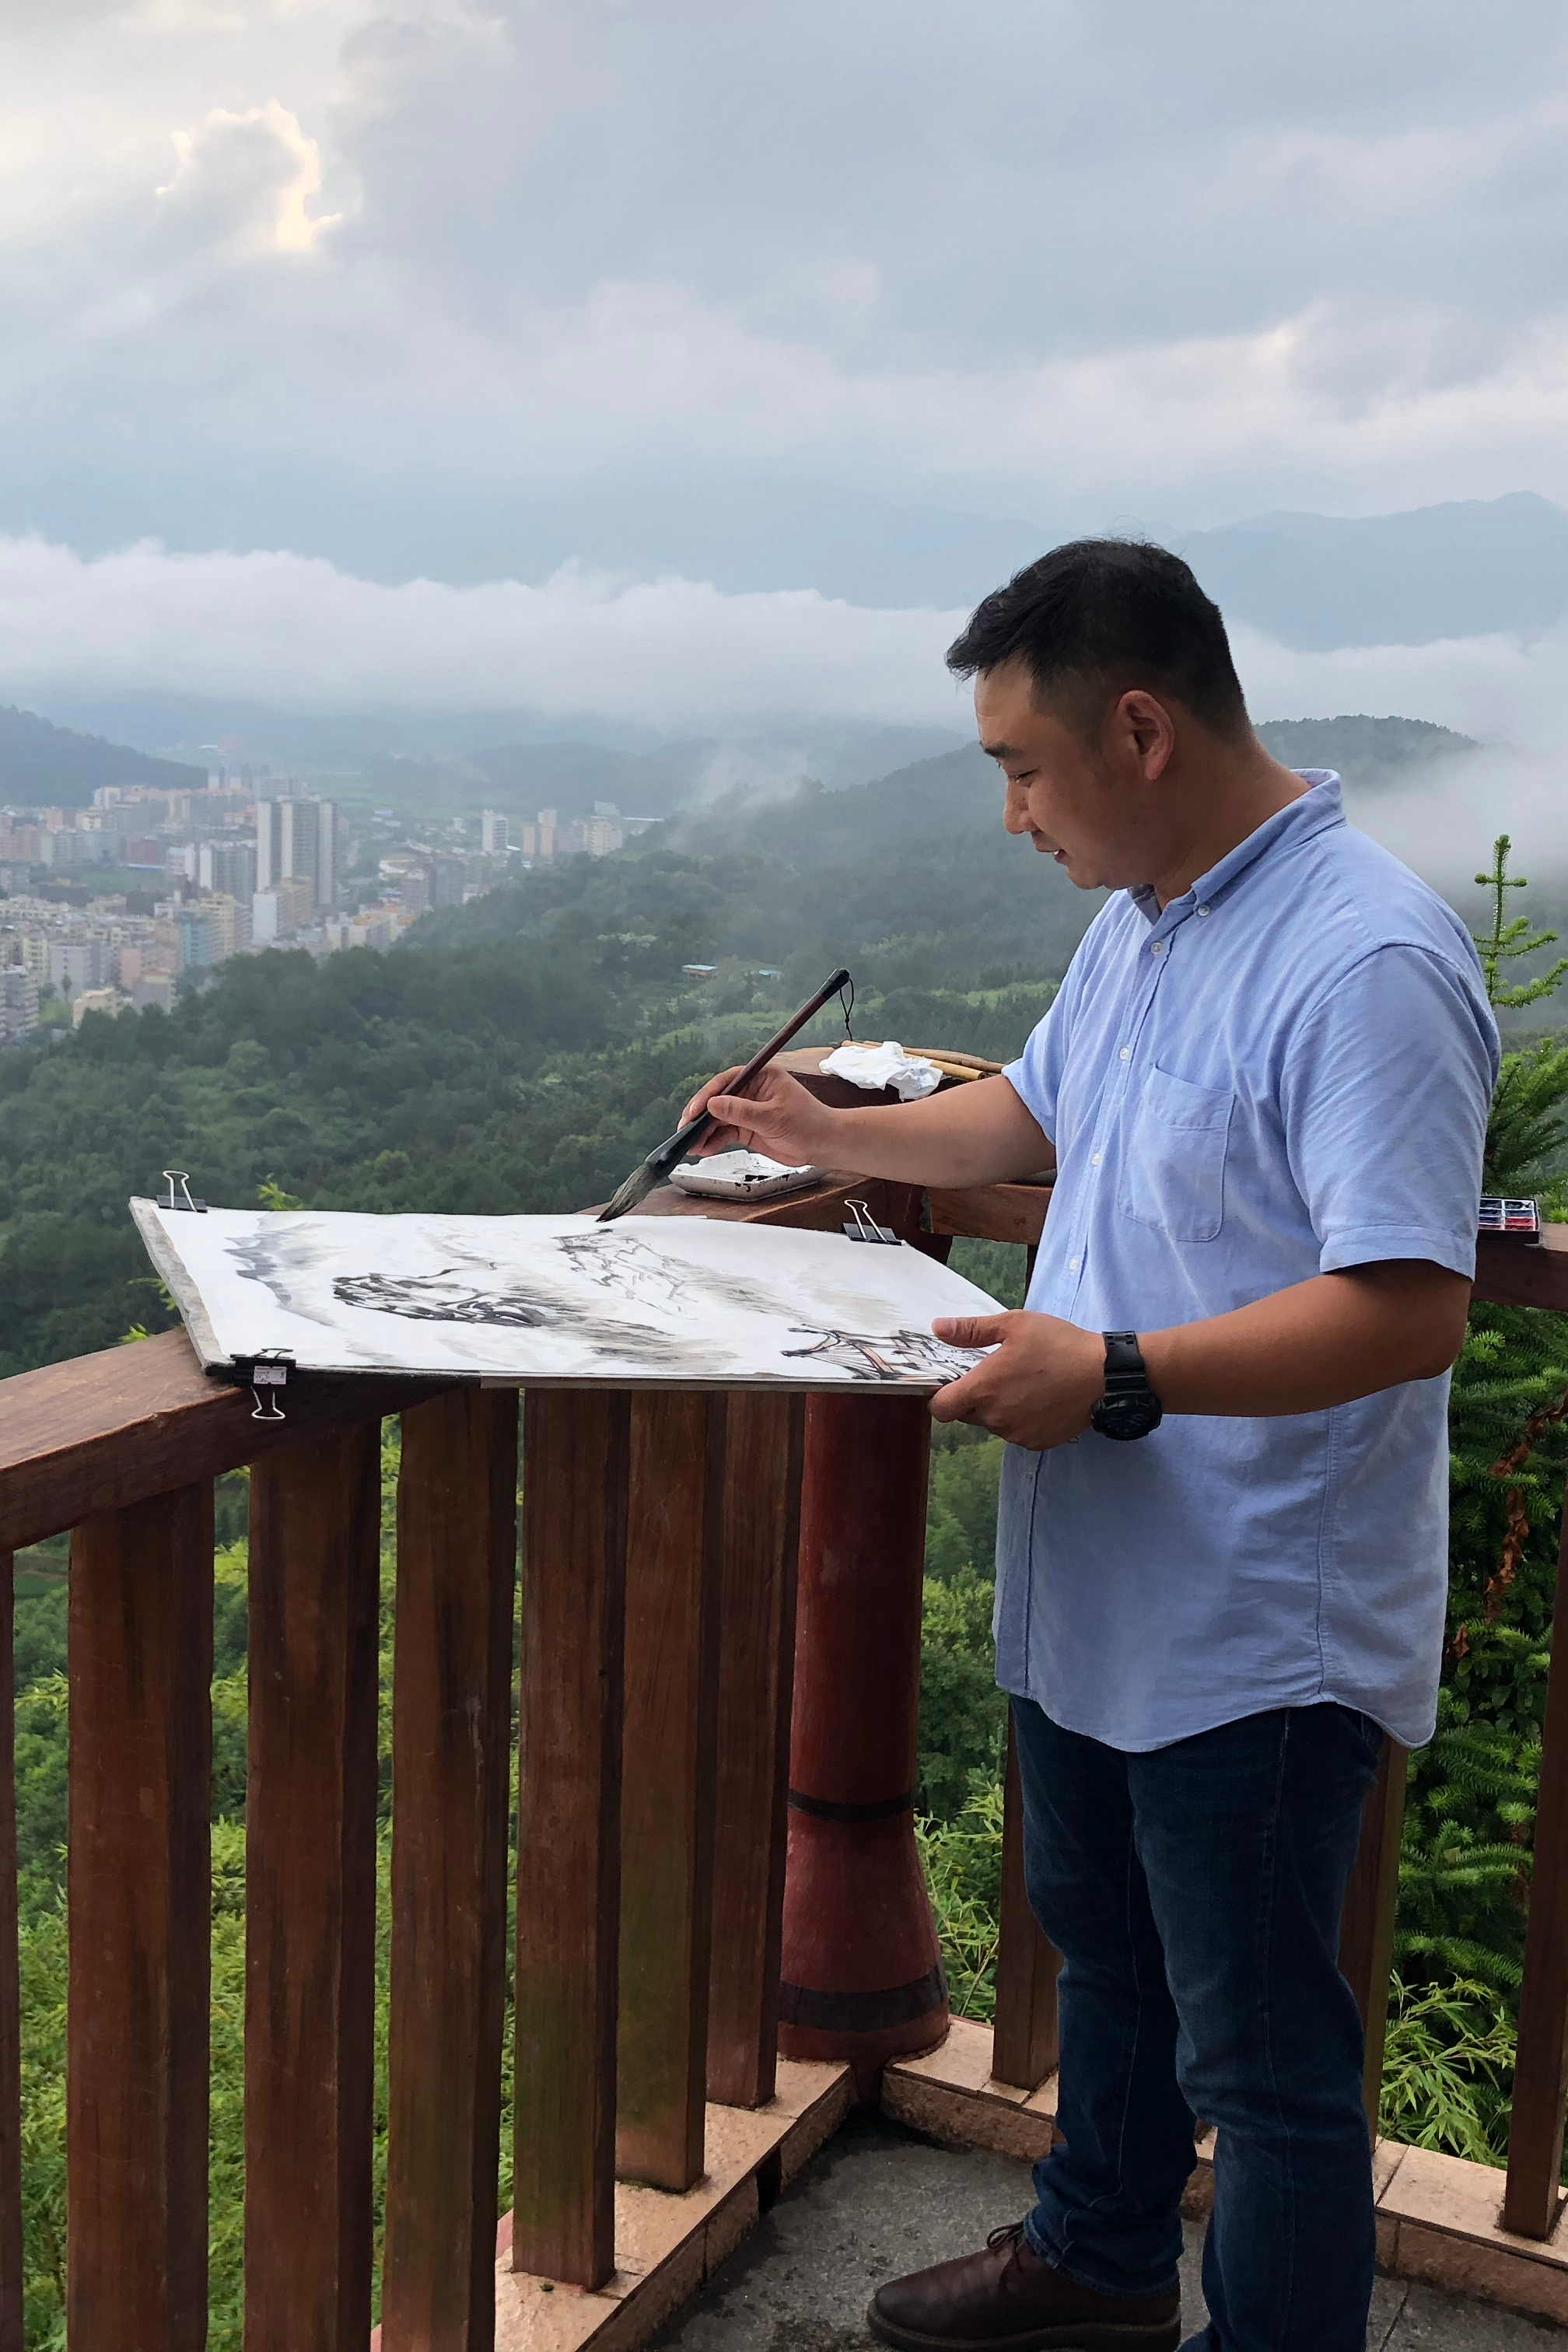 和崔晓勇在广州白云山户外写生